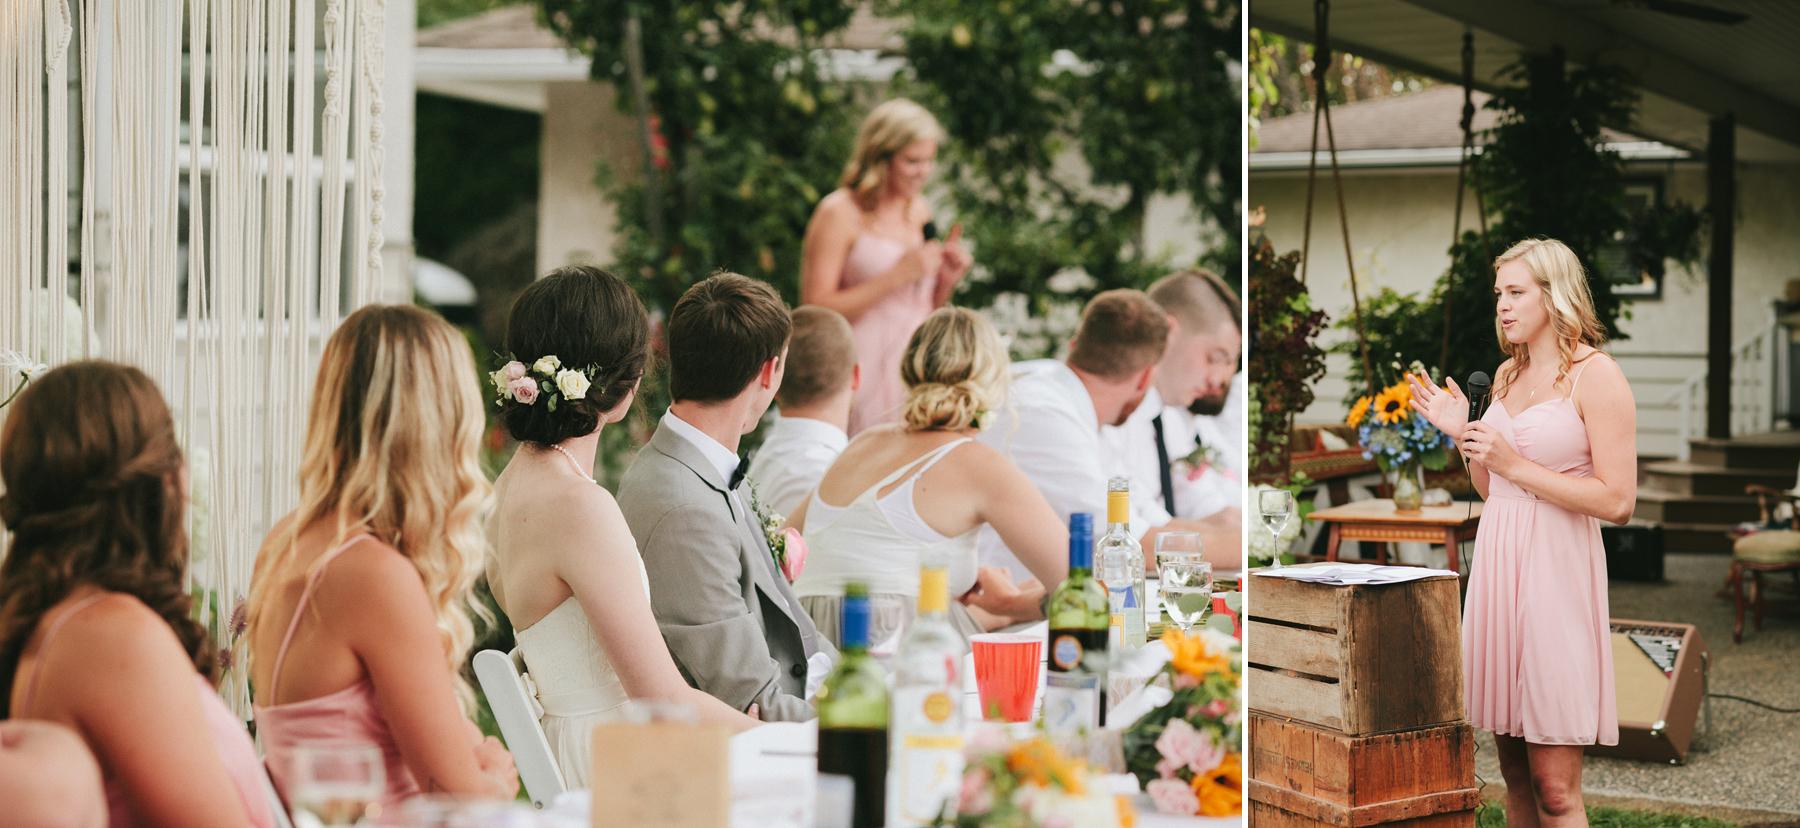 Vancouver-Rustic-Farm-Wedding-KB-171.jpg